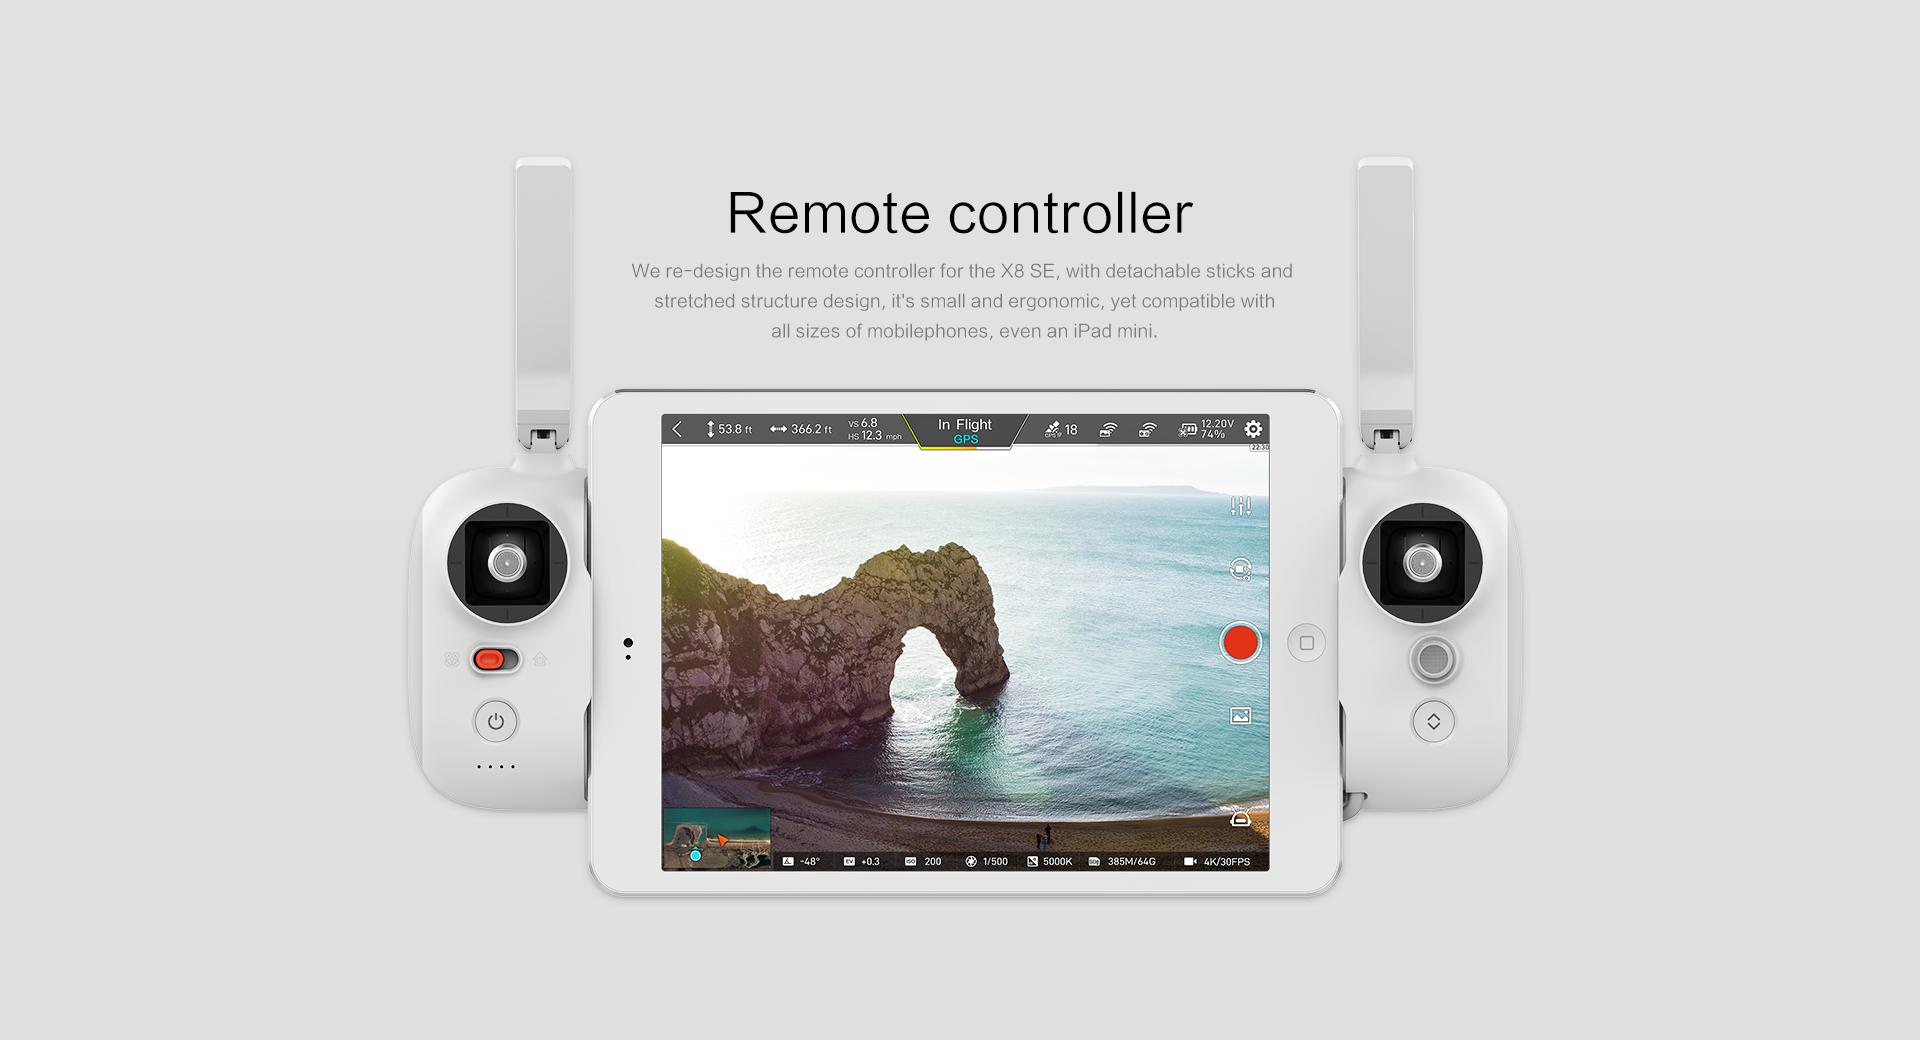 fimi x8 se remote controller